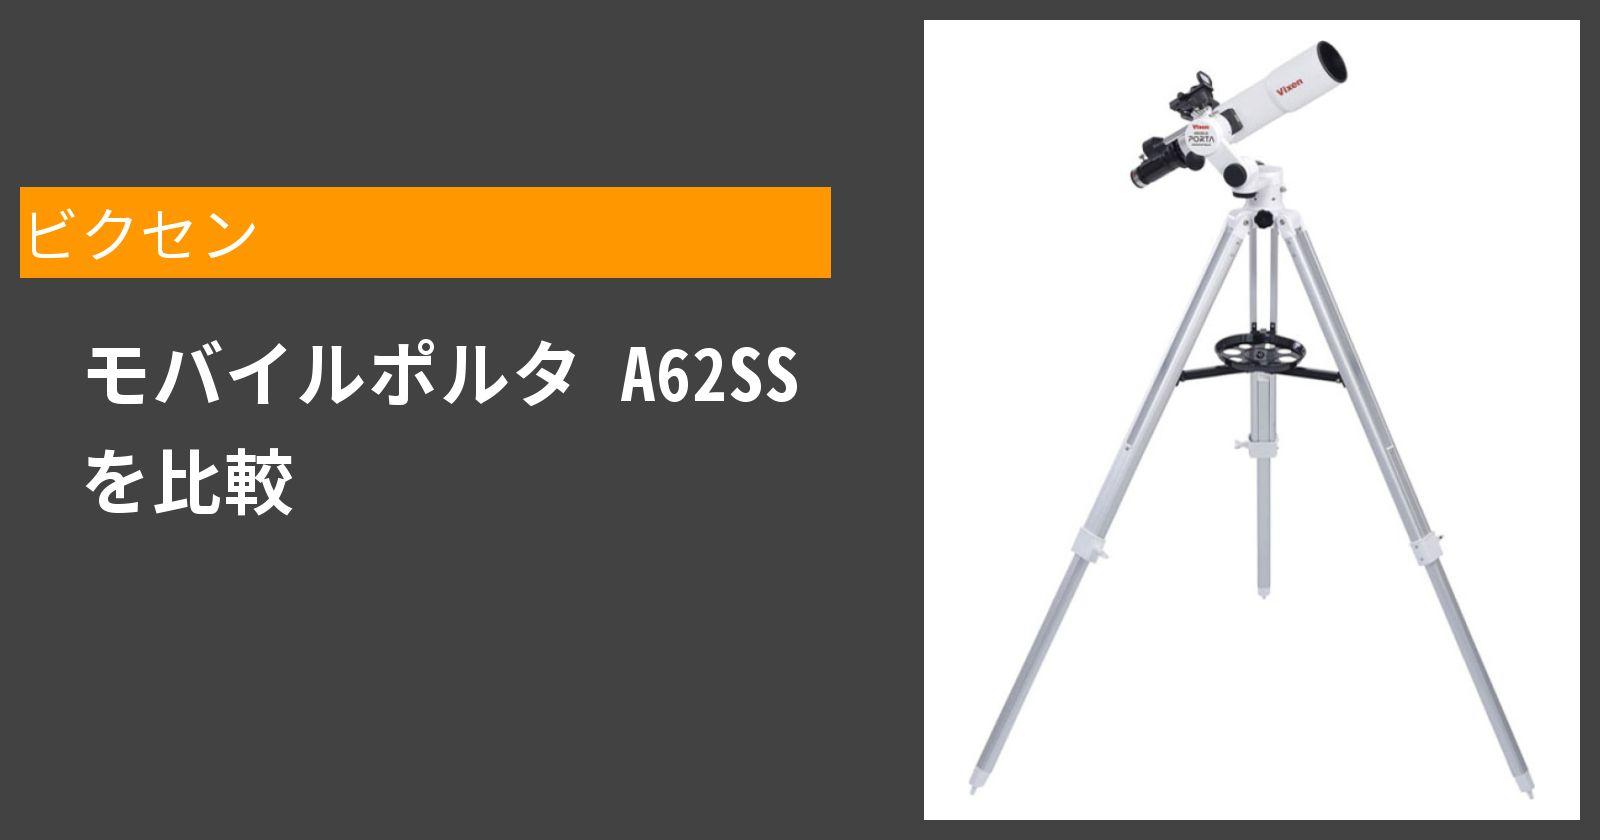 モバイルポルタ A62SSを徹底評価